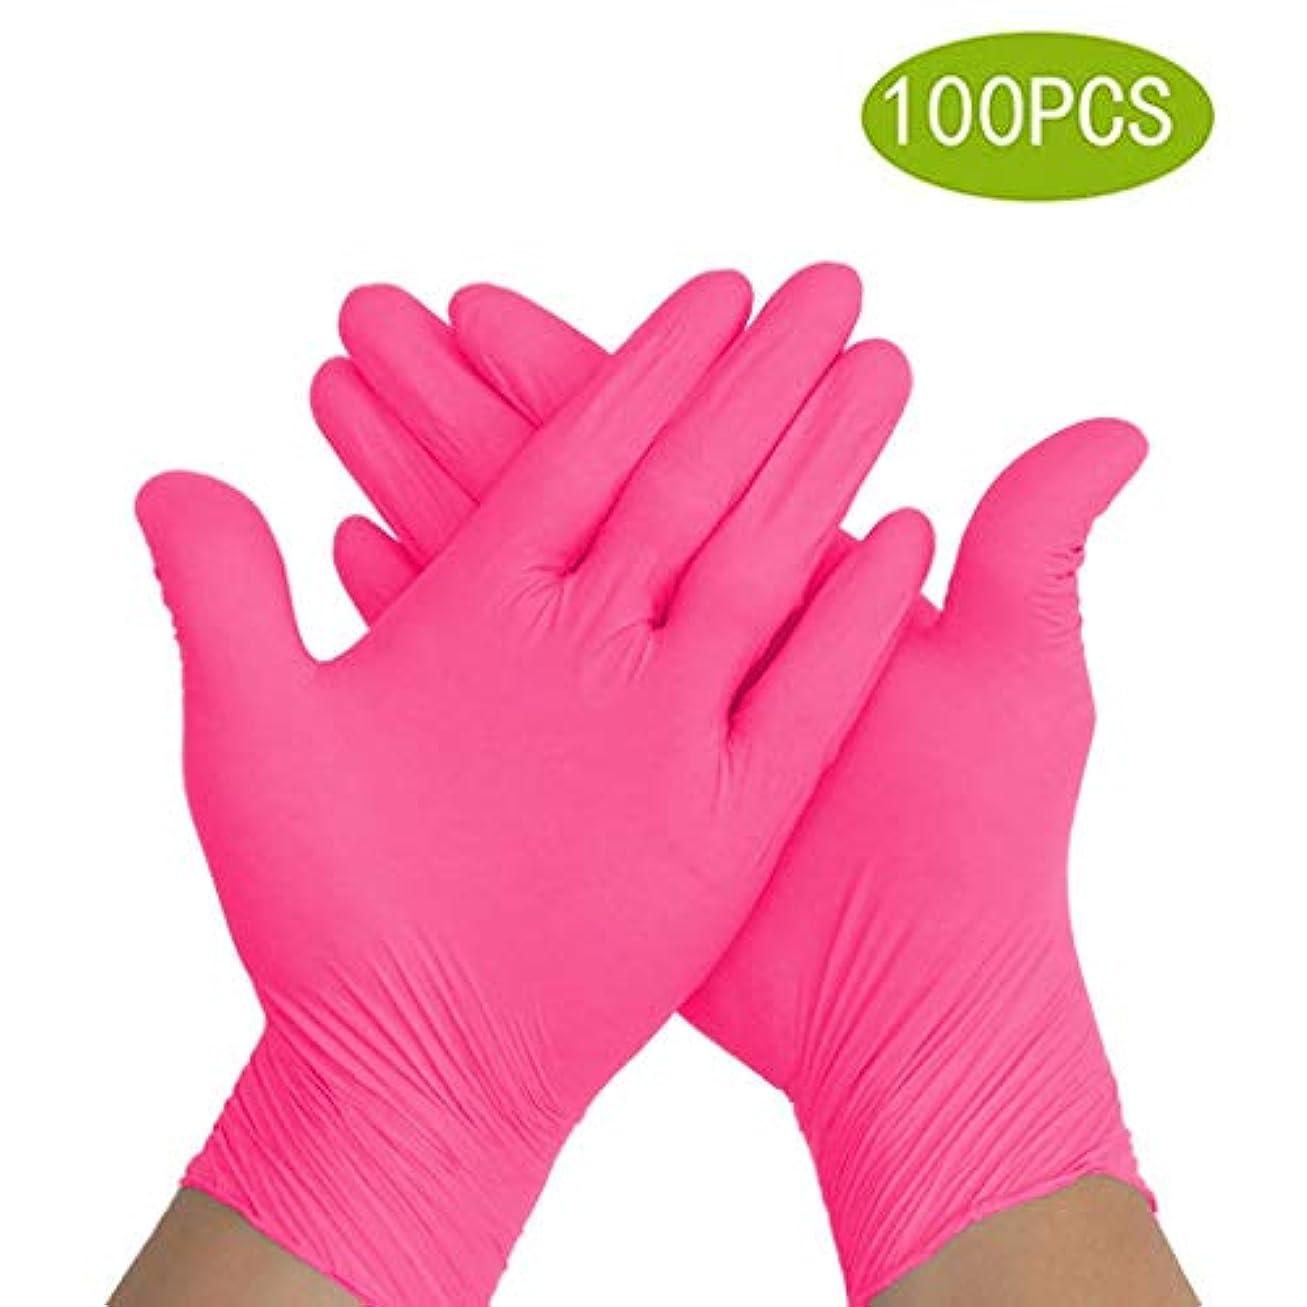 ぺディカブ切手神話ニトリル使い捨て手袋、パウダーフリーのレッドビューティーサロンタトゥー、食品用手袋、ラテックスフリー、100個ディスペンサーパック (Size : S)